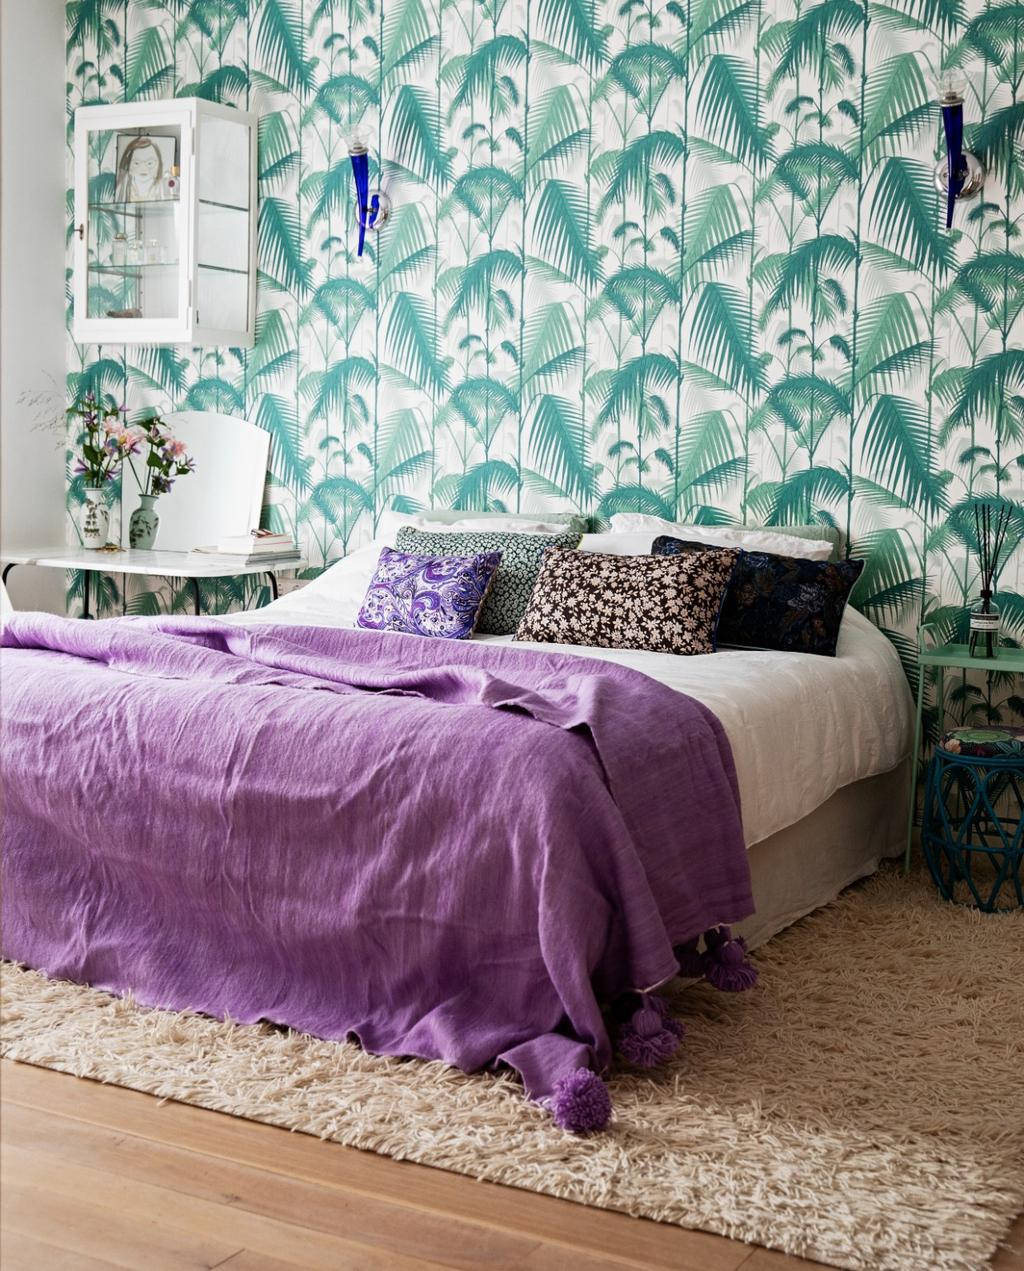 binnenkijken bij vtwonen hoofdredacteur Nicolette Fox   behang   slaapkamer   kleur   paars   groen   sprei   vloerkleed   vitrinekast